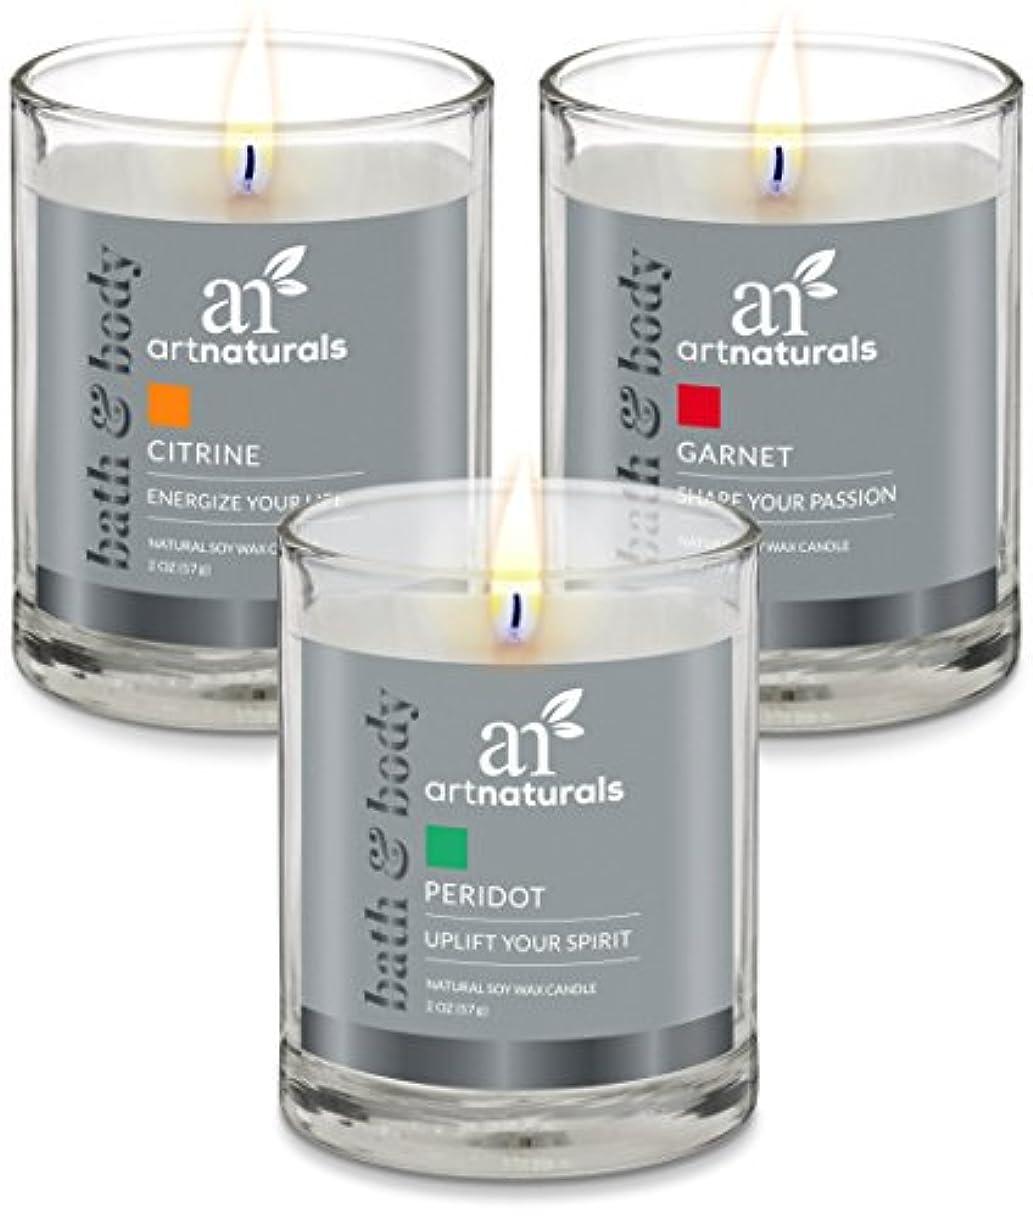 せっかち暫定の準備するArtNaturals Scented Candle Gift Set – 6 PieceアロマセラピーのセットFragrance大豆ワックス – Made in USA with Essential Oils – For...